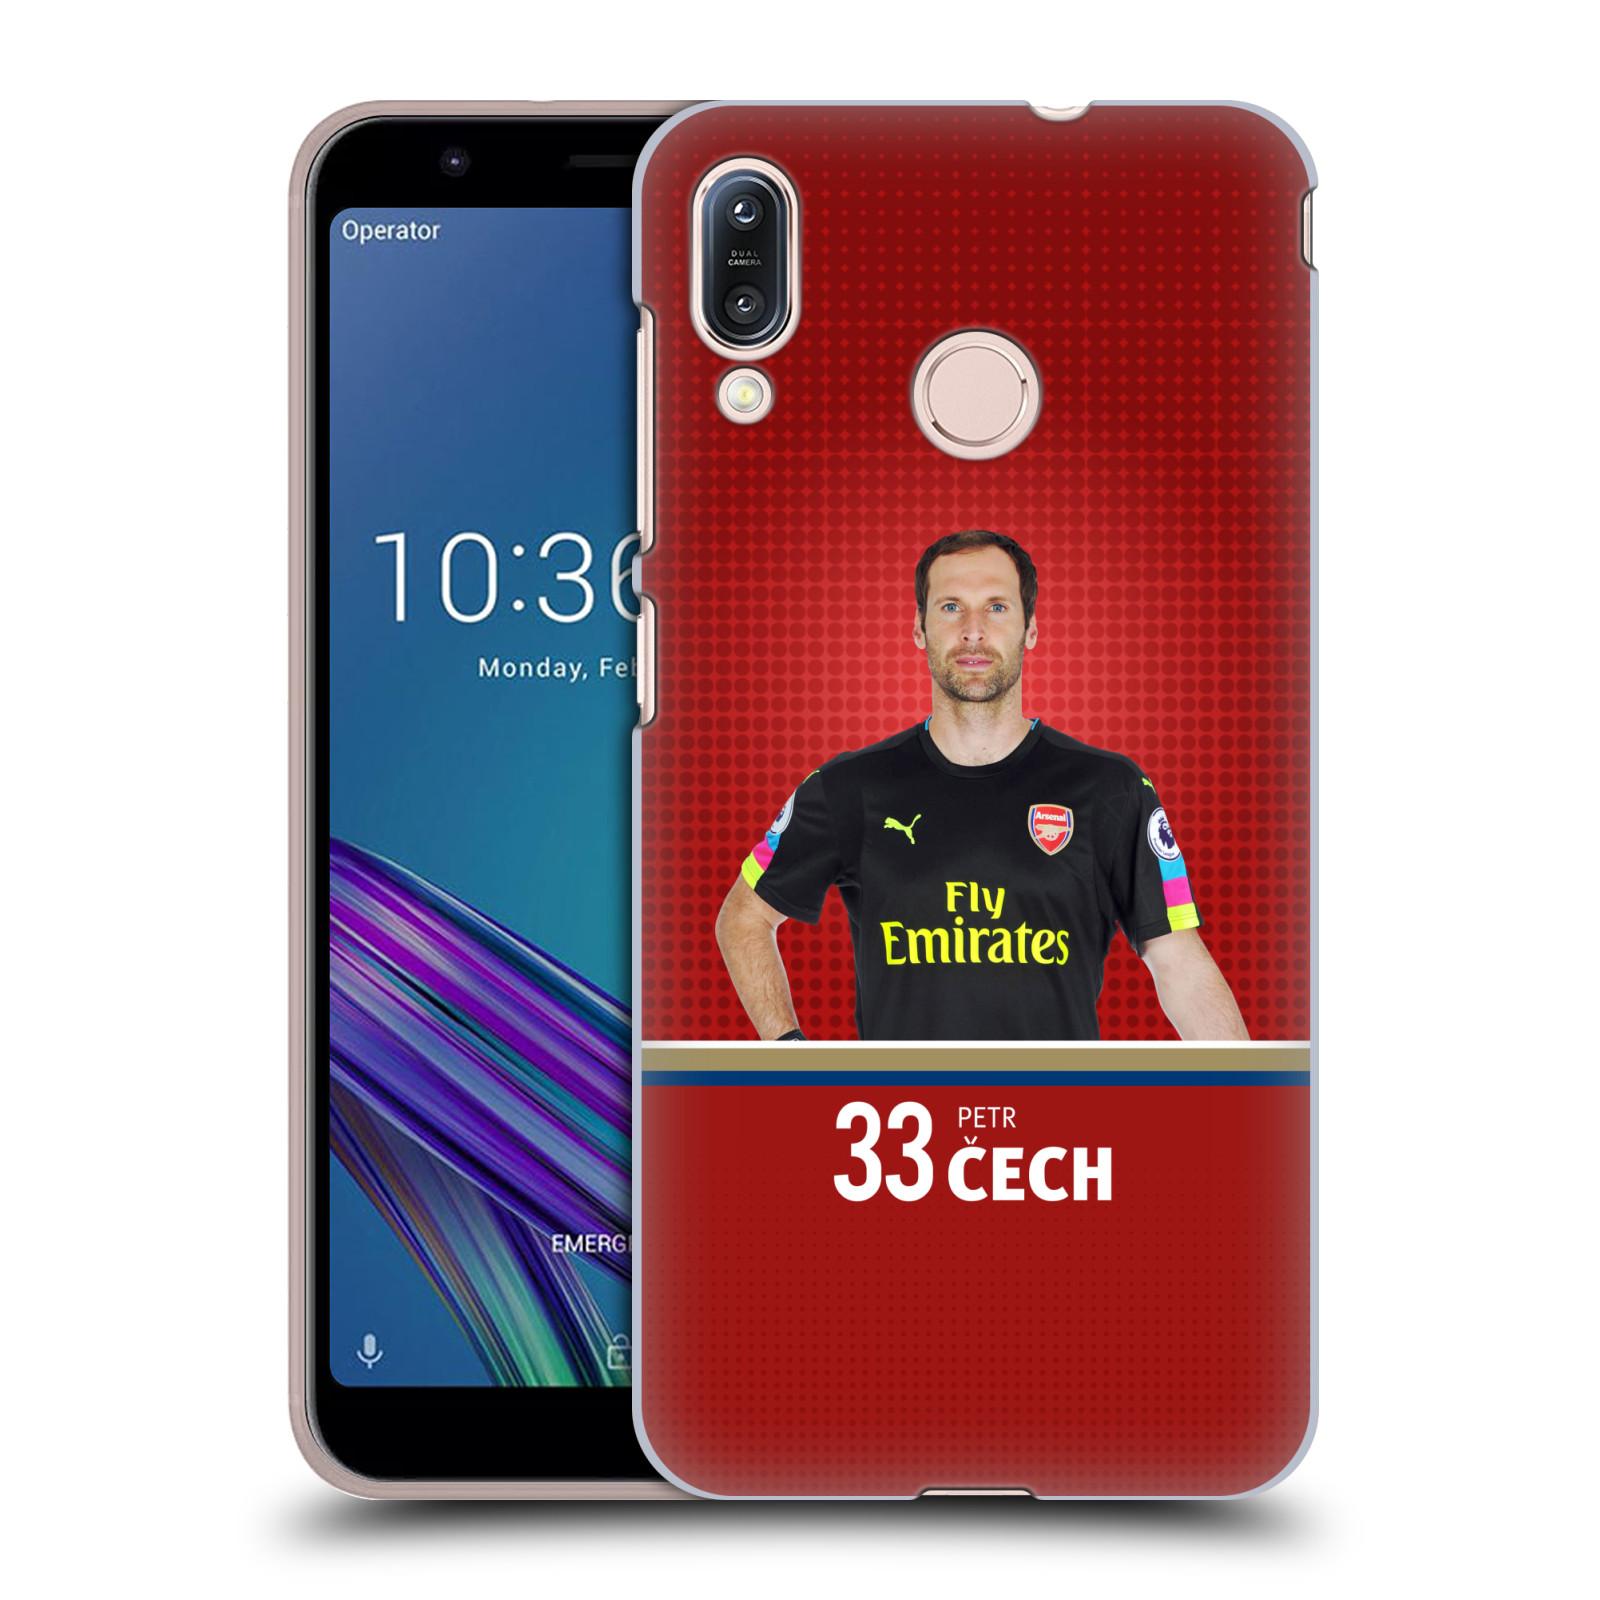 Plastové pouzdro na mobil Asus Zenfone Max M1 ZB555KL - Head Case - Arsenal FC - Petr Čech